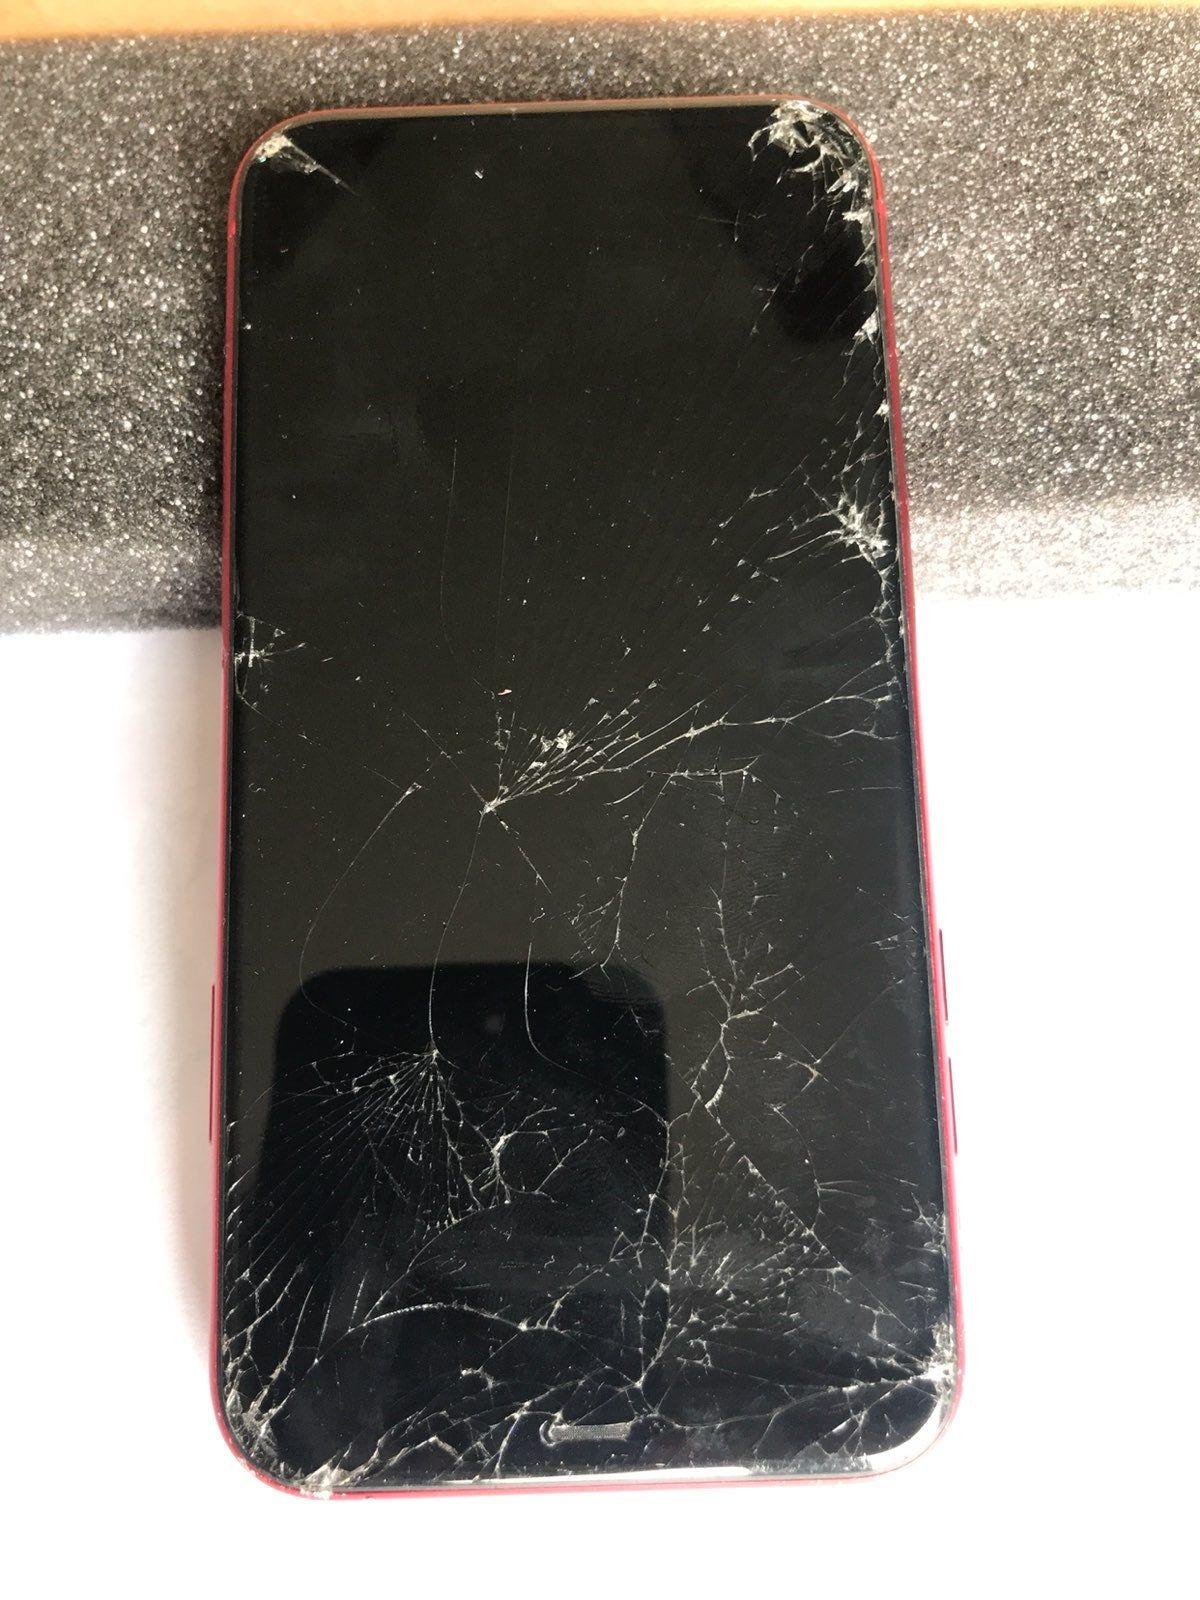 Iphone 11 Product Red 64 Gb Read Descr Cracked Phone Screen Live Wallpaper Iphone Broken Phone Iphone xs apple broken screen prank